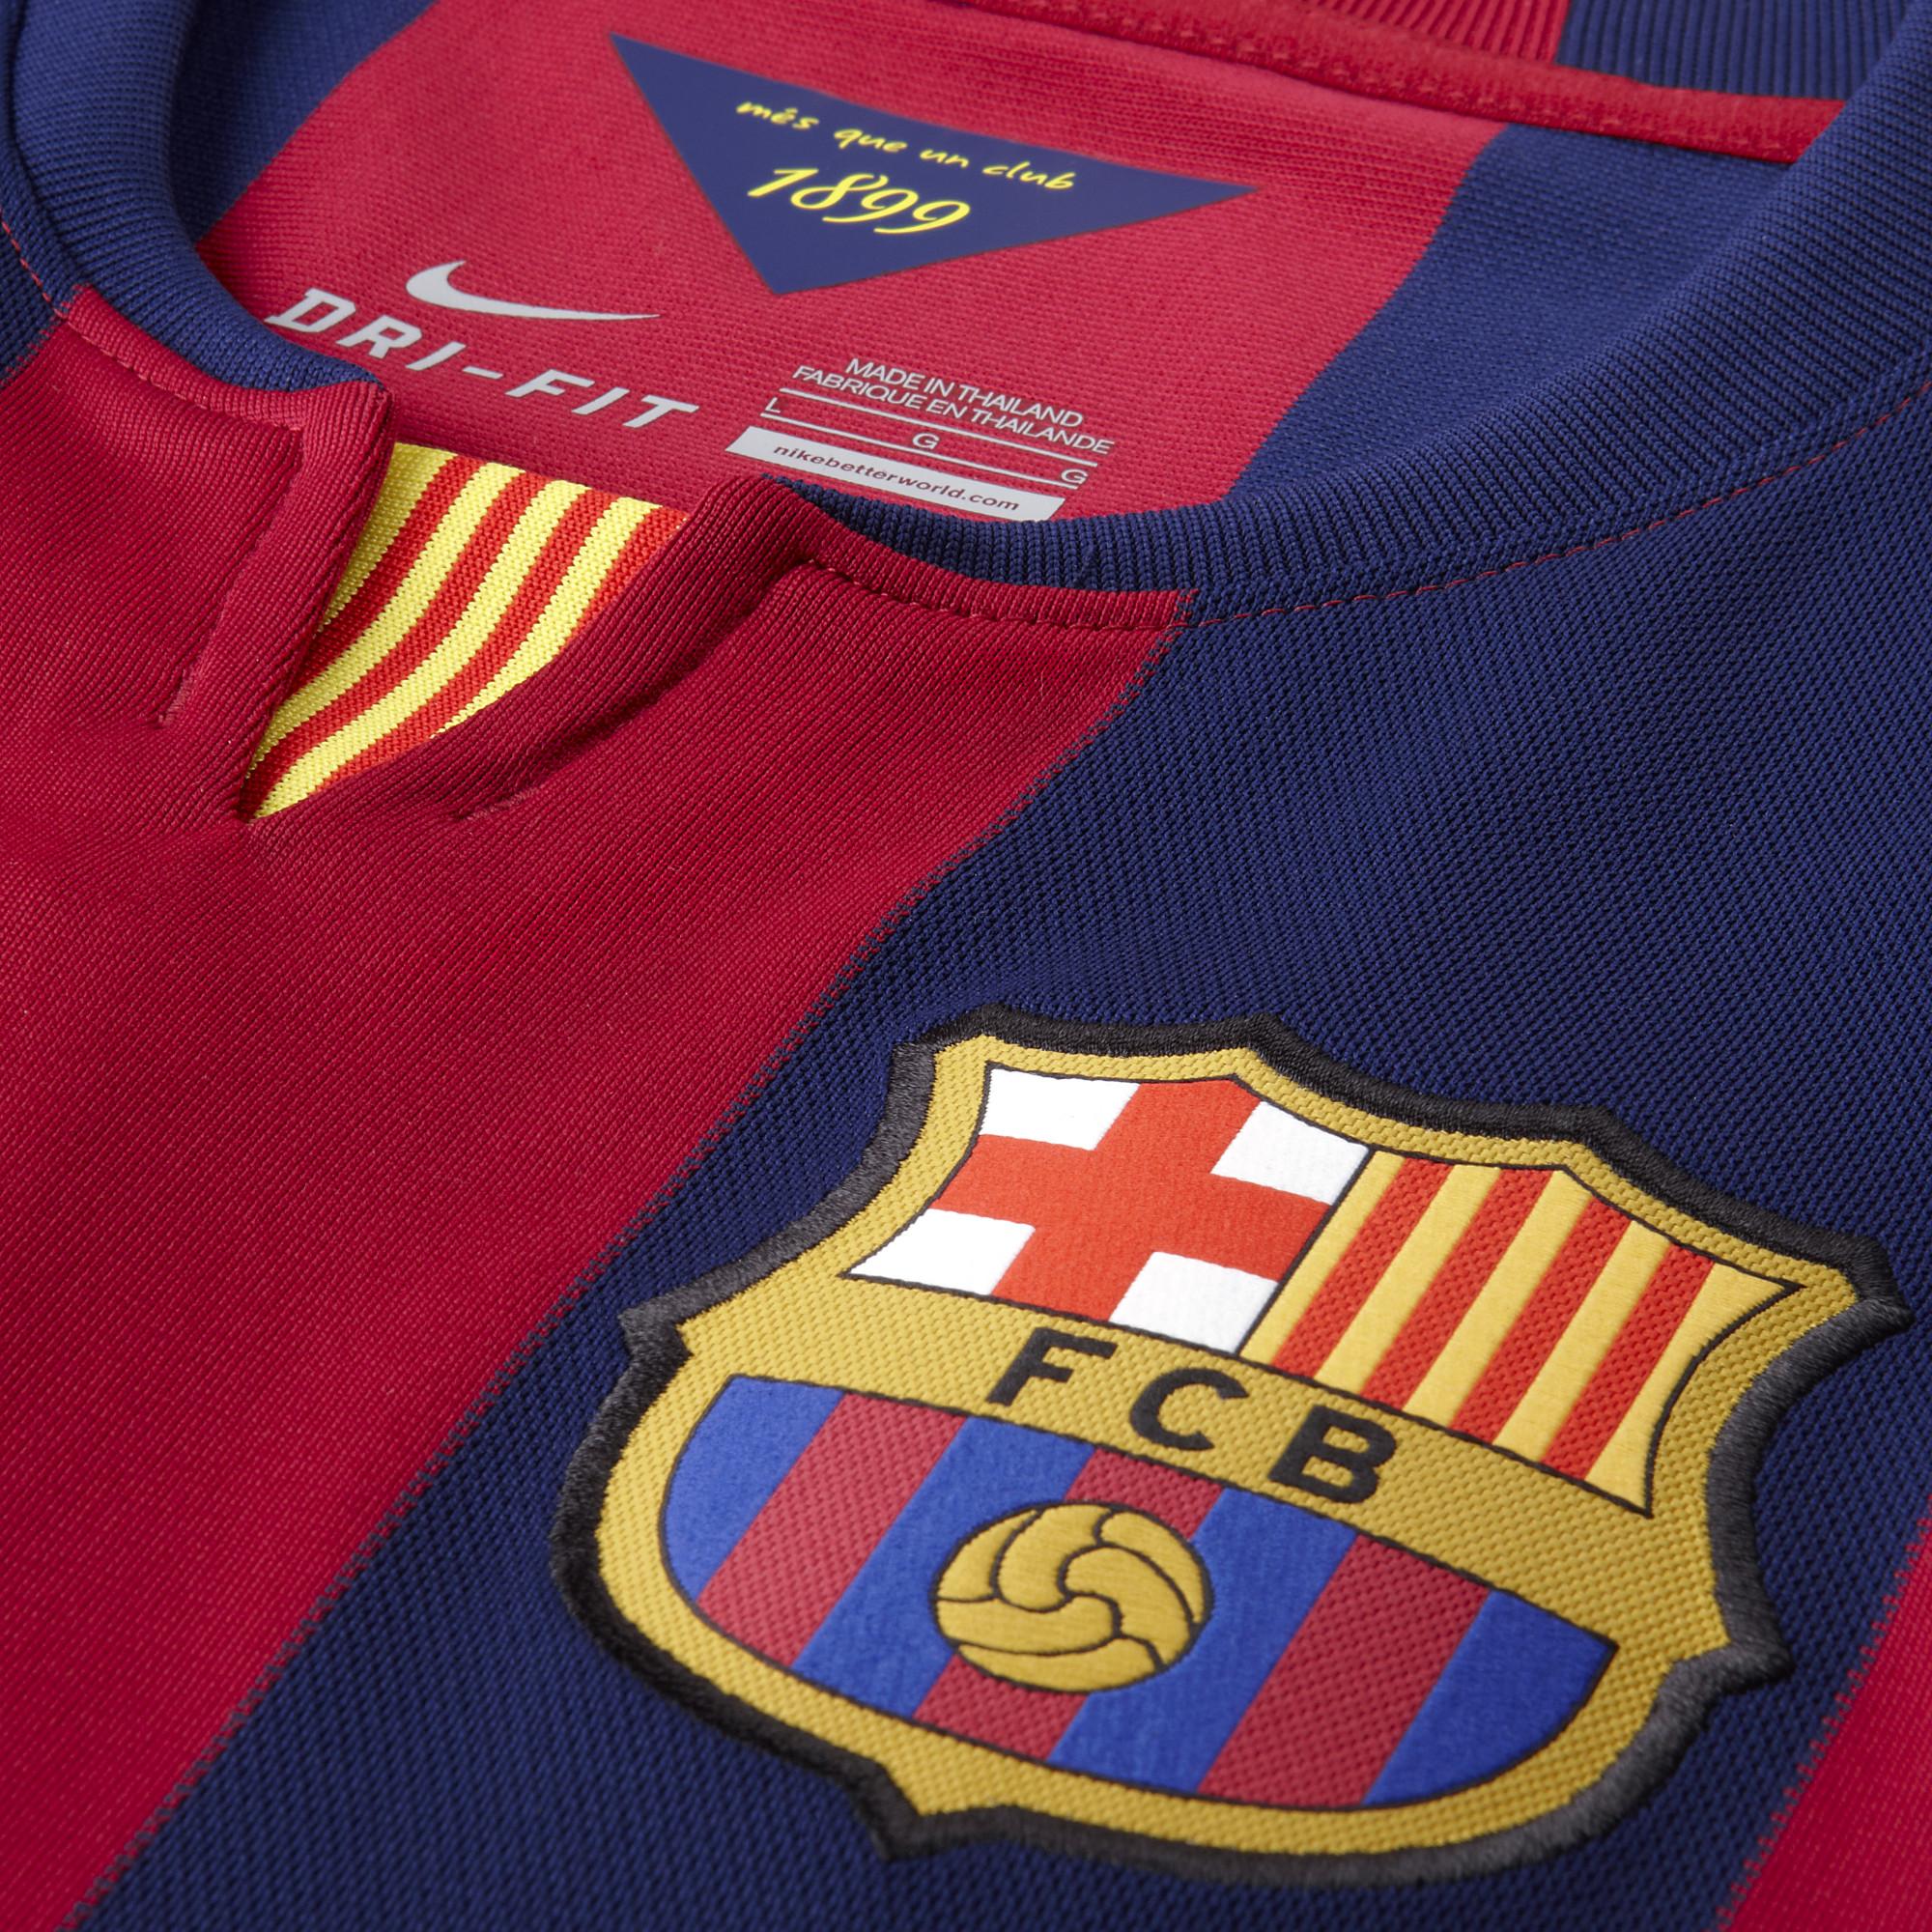 fc barcelona thuisshirt 20142015 voetbalshirtjescom